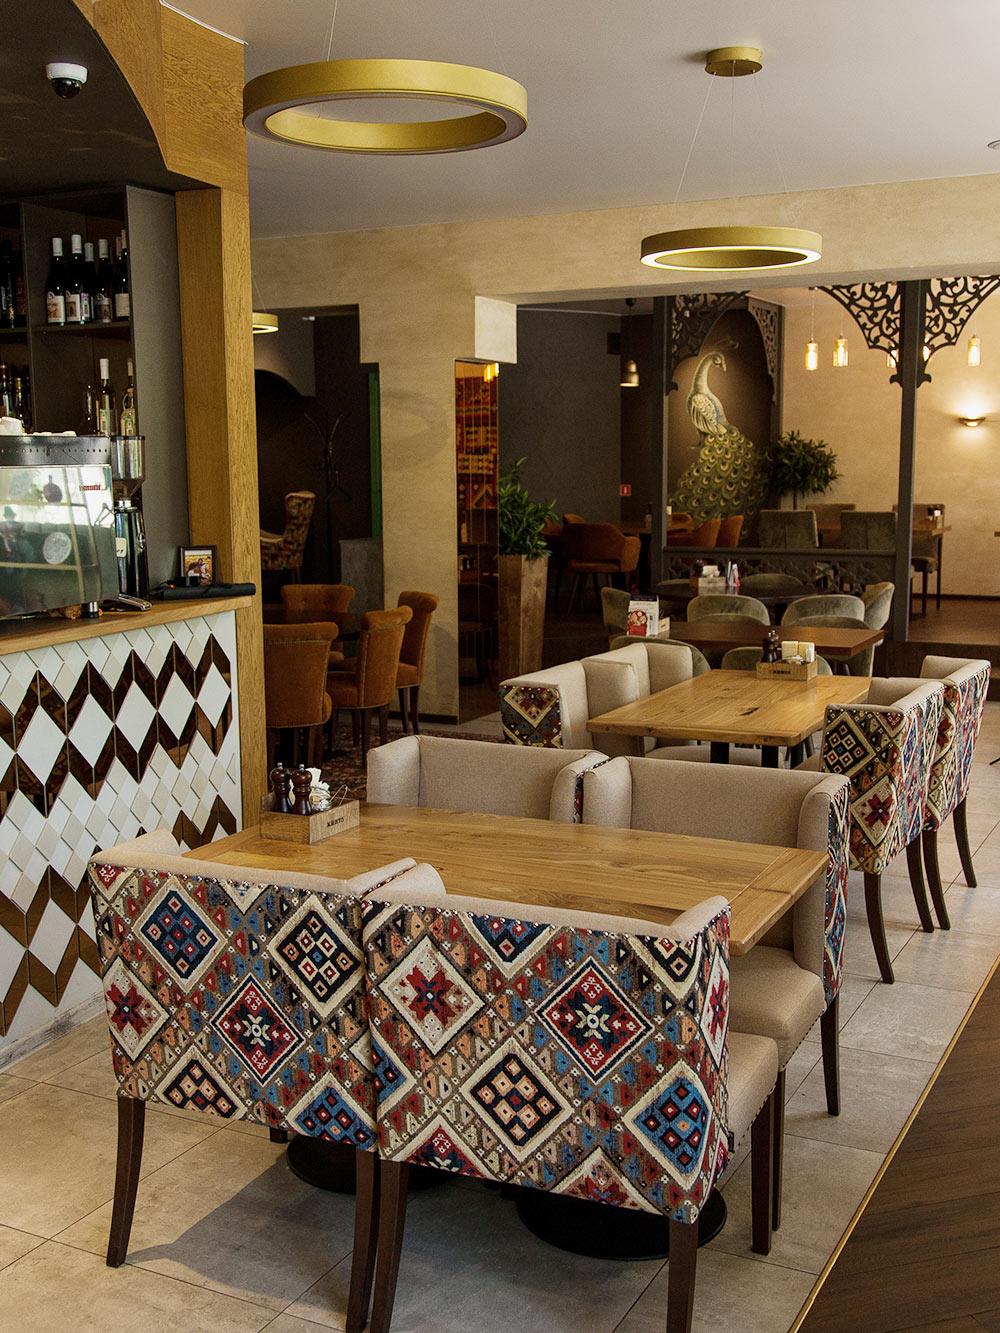 Интерьер «Кинто» выполнен в традиционном грузинском стиле, а официанты встречают гостей радостным «Гамарджоба»